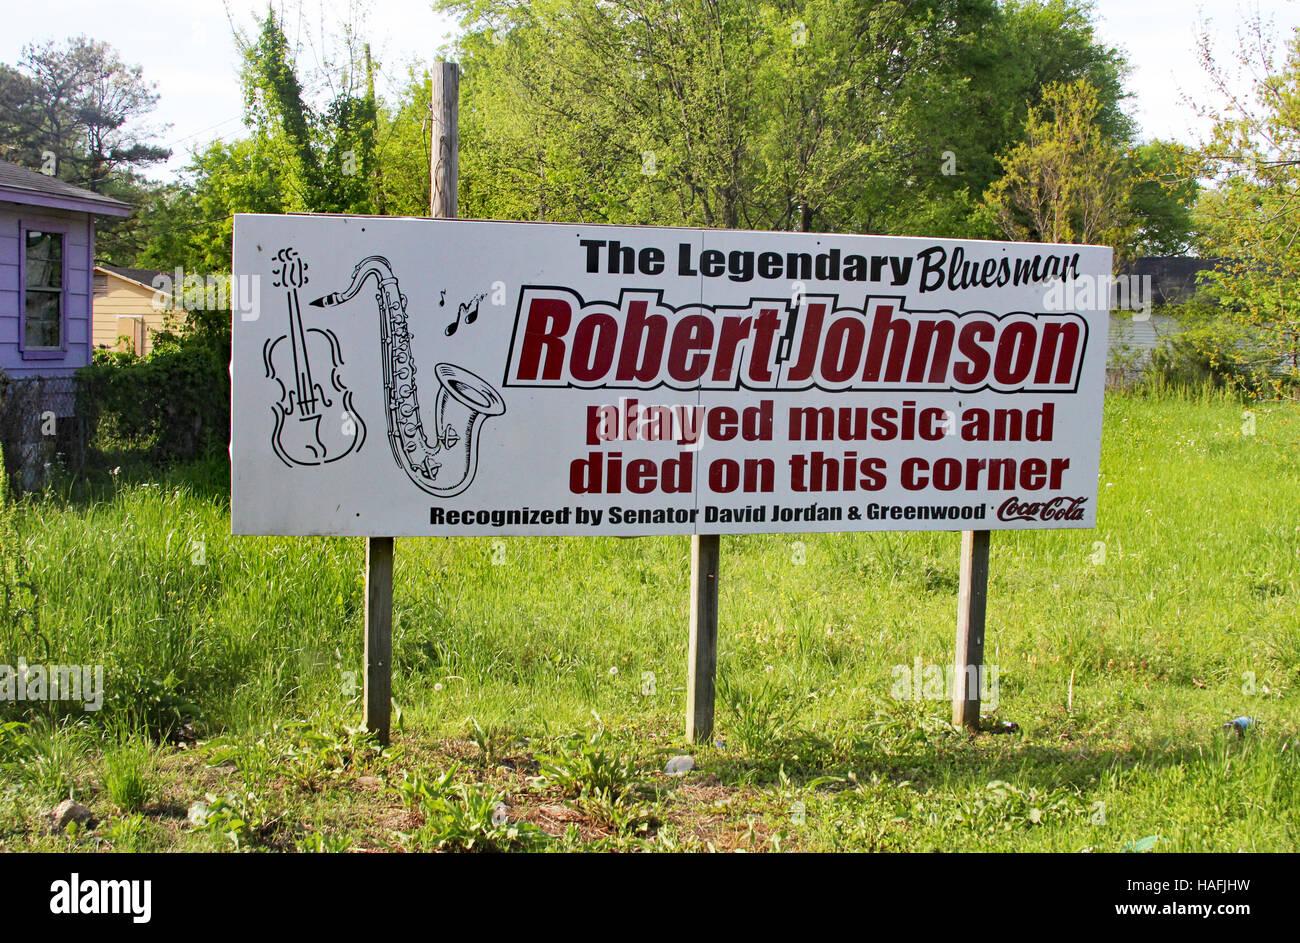 Blues große Robert Johnson wurde gesagt, um an dieser Ecke in Baptist Stadt Greenwood, Mississippi gestorben Stockbild